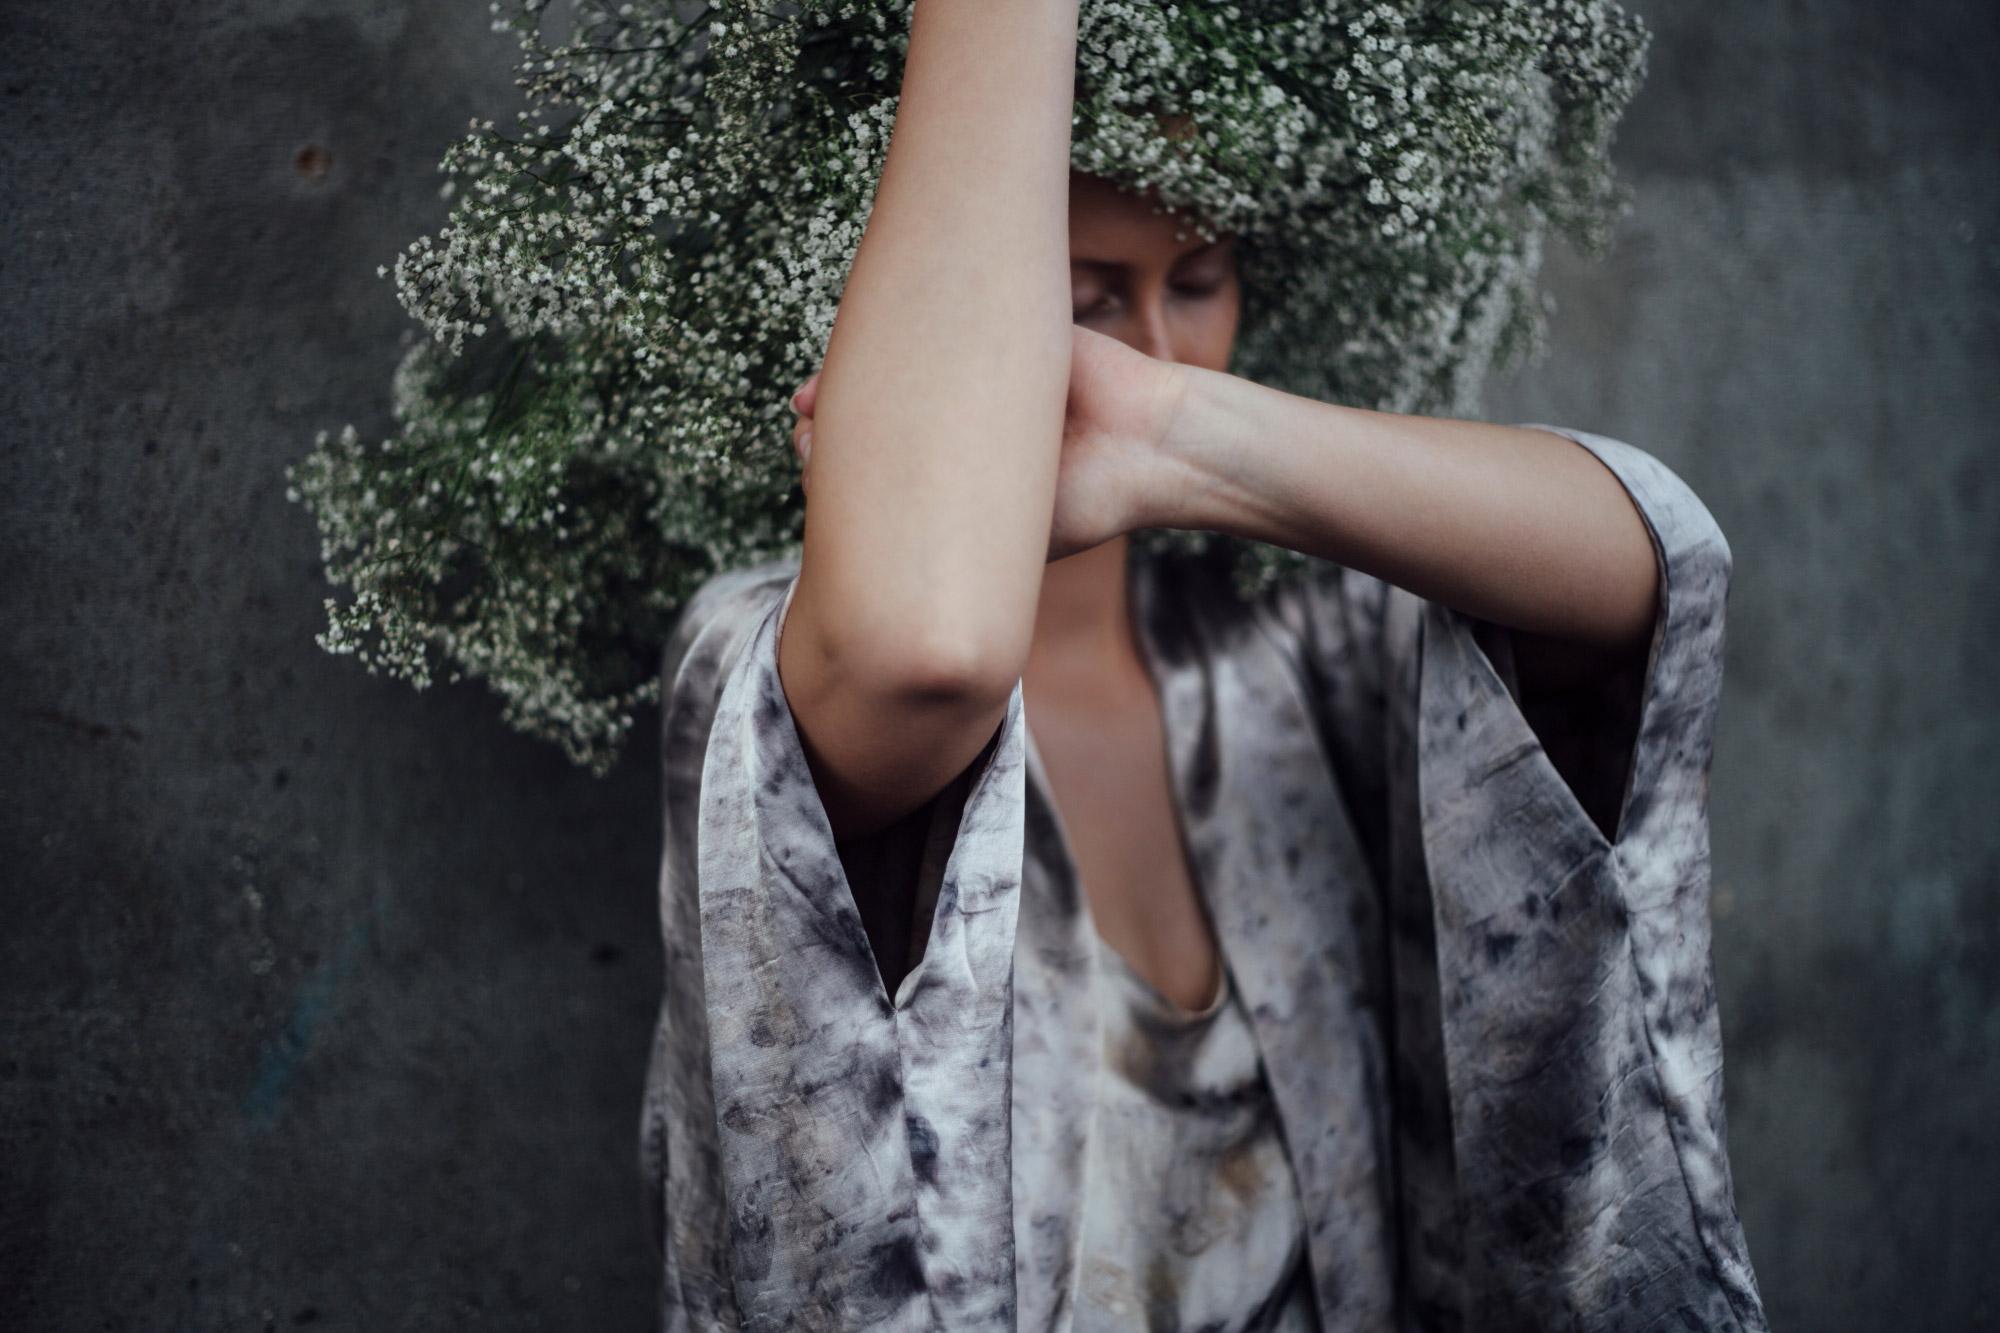 koebenhavns-plantefarveri-flowerscape-collection-kimono-3_web.jpg